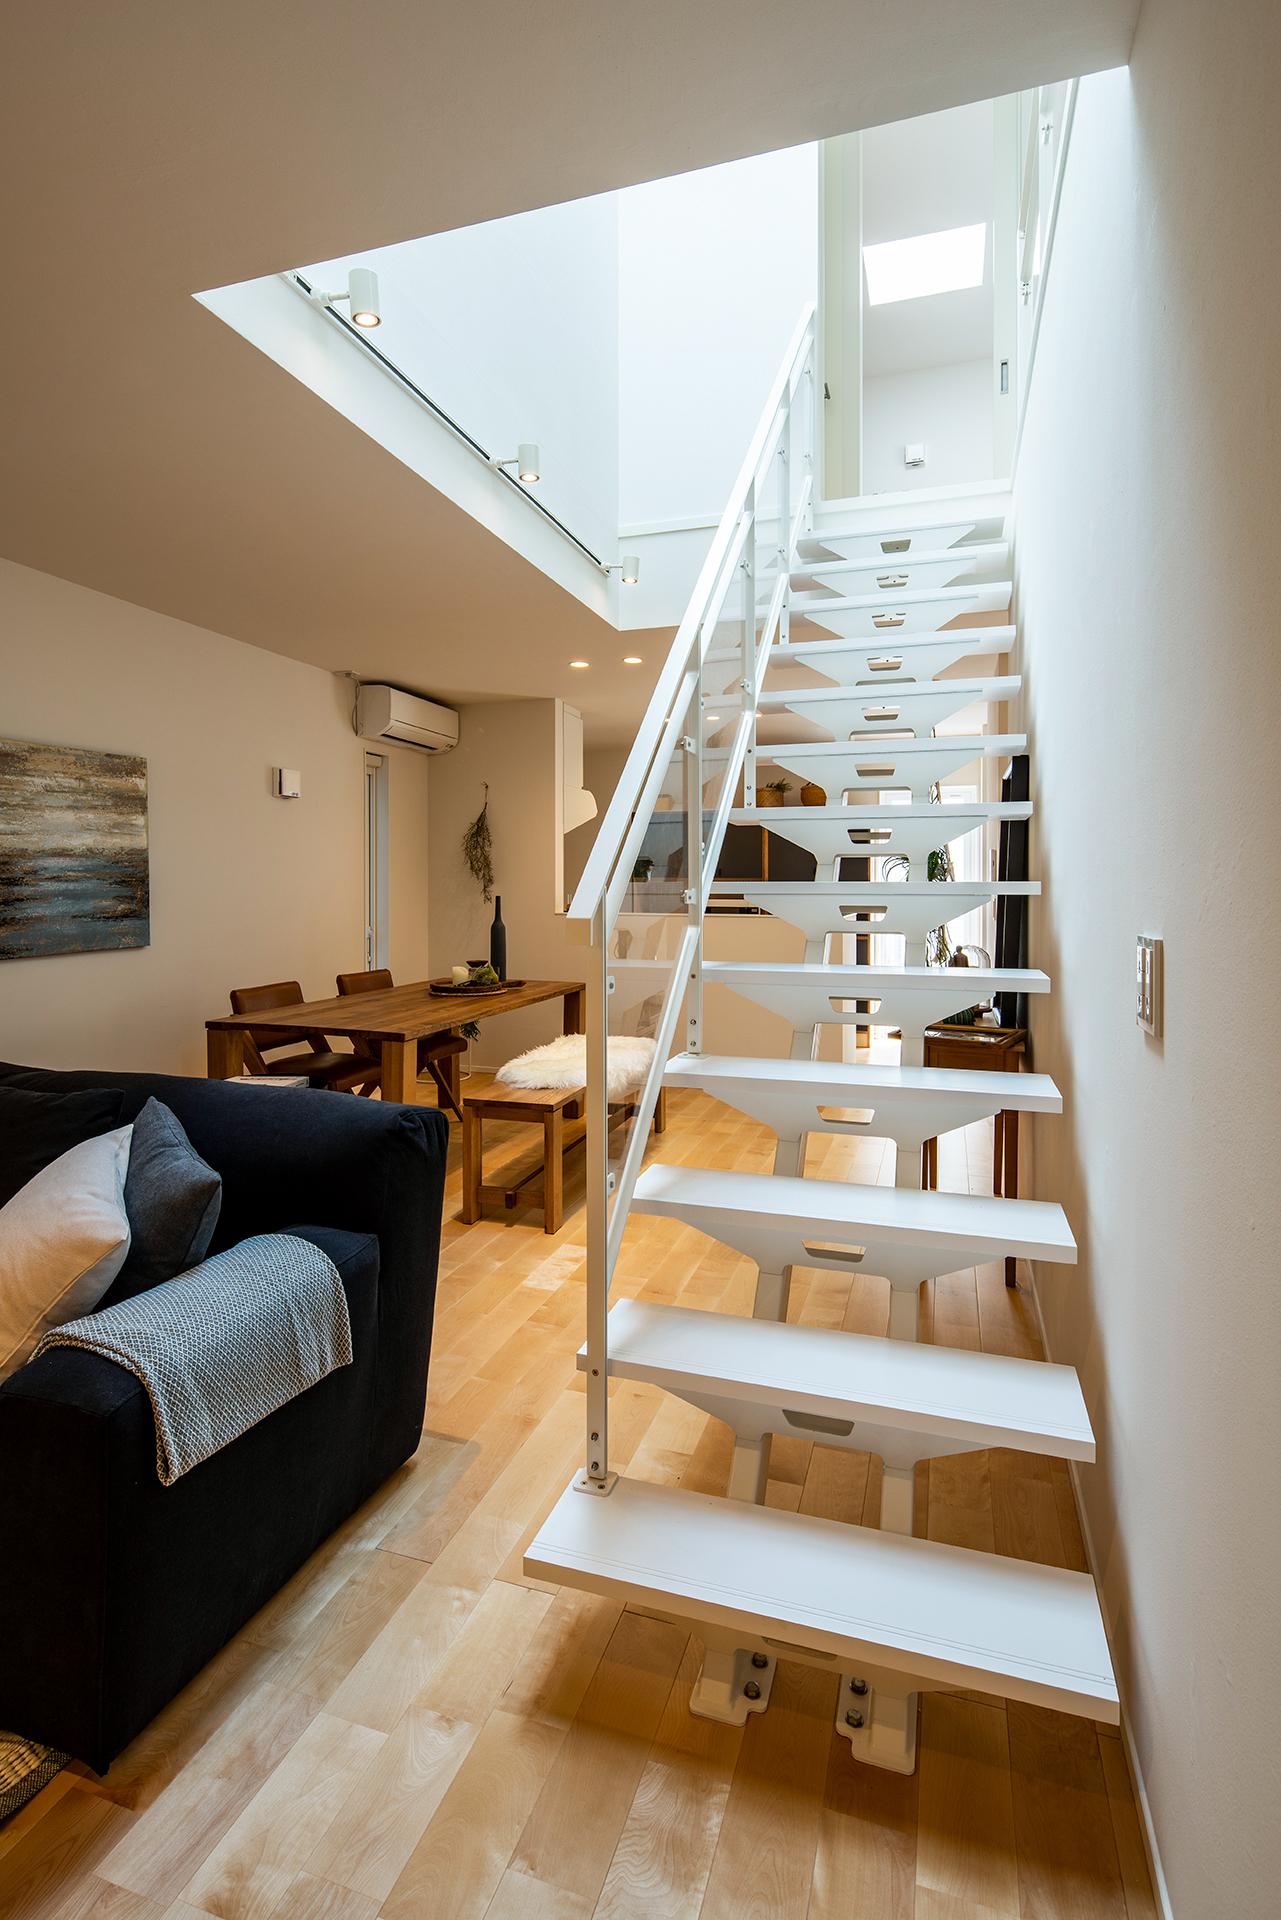 スタイルカーサ【デザイン住宅、間取り、インテリア】スケルトンのリビング階段を採用したことで目線が抜け、圧迫感がない。お子さんはここに座ってリビングでくつろぐパパとお話しするのが大好き